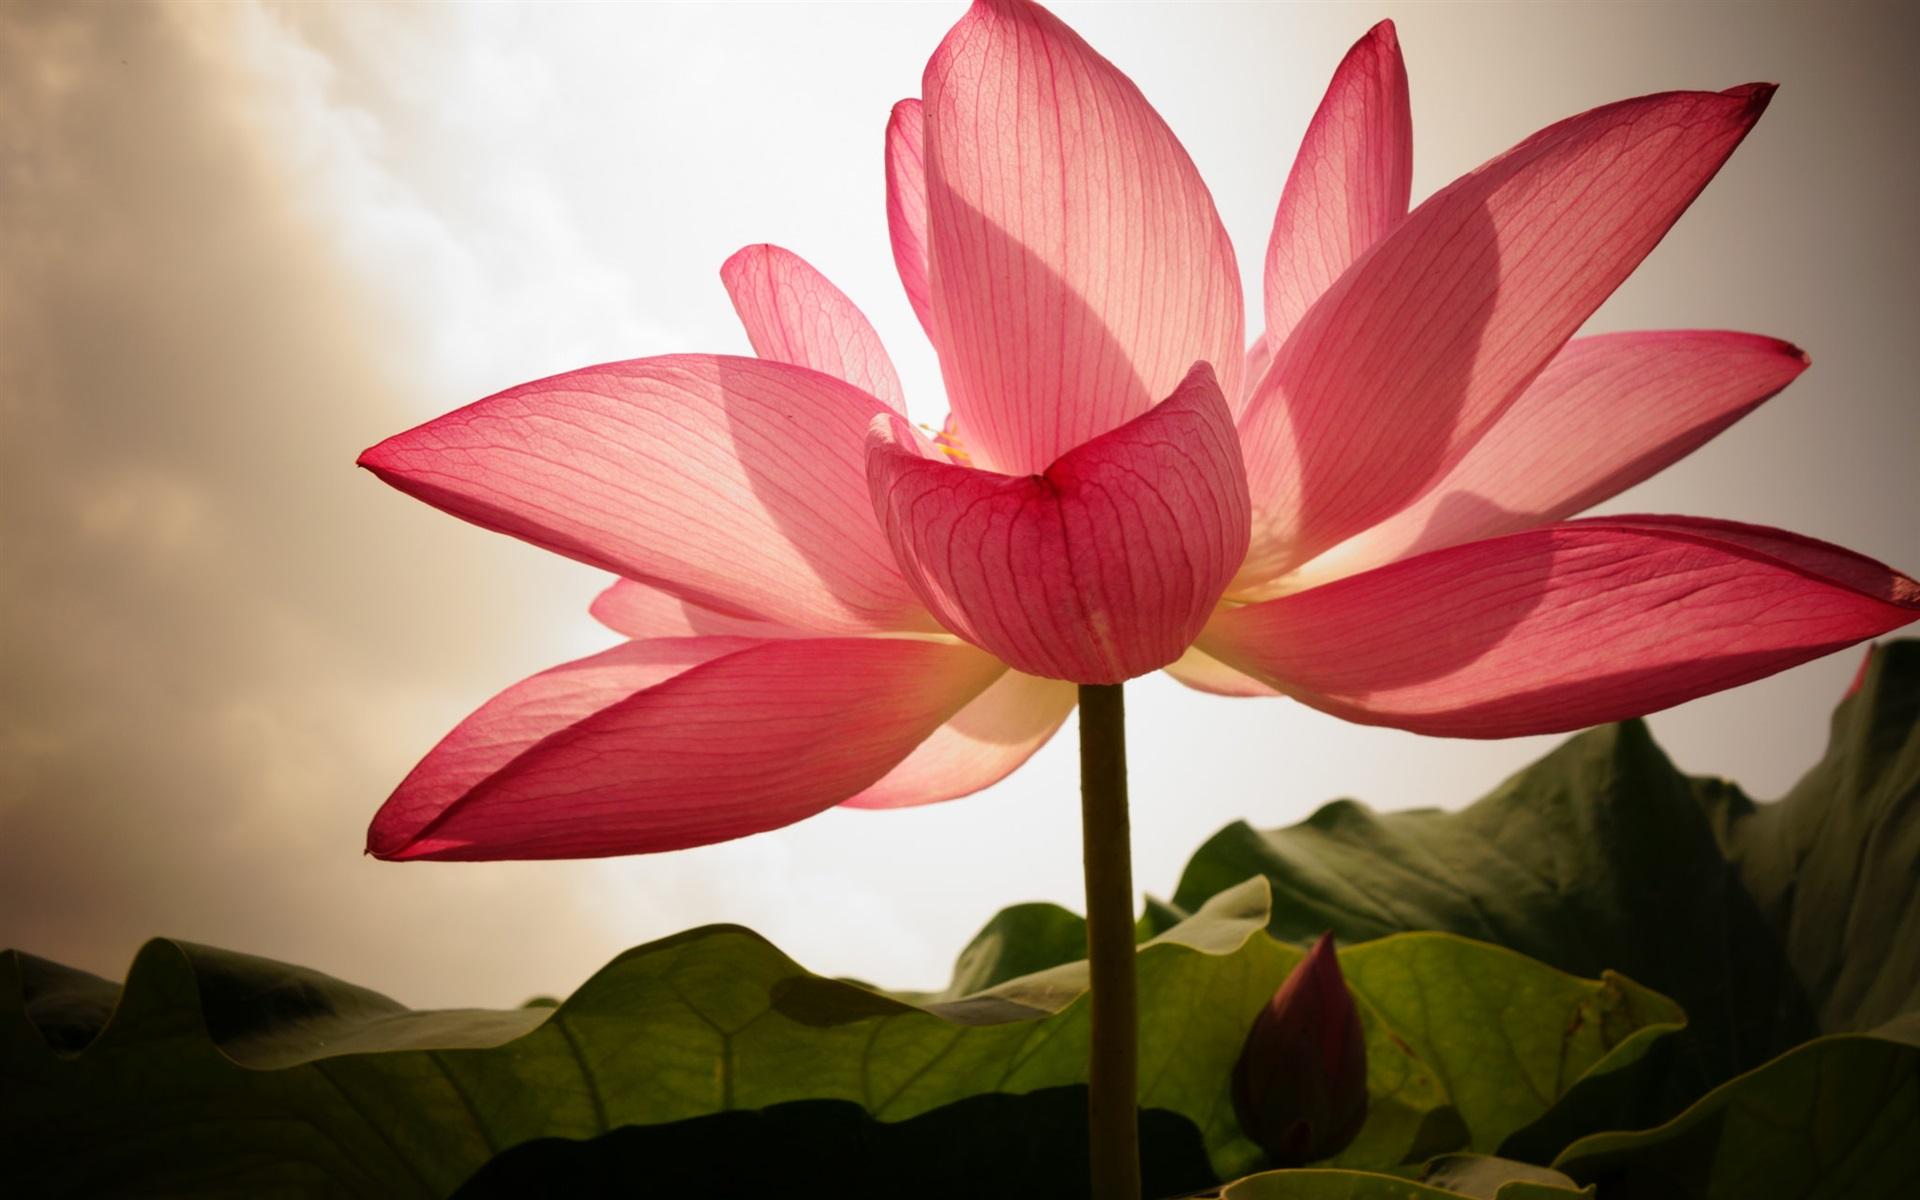 Pink-lotus-petals-backlight_1920x1200jpg